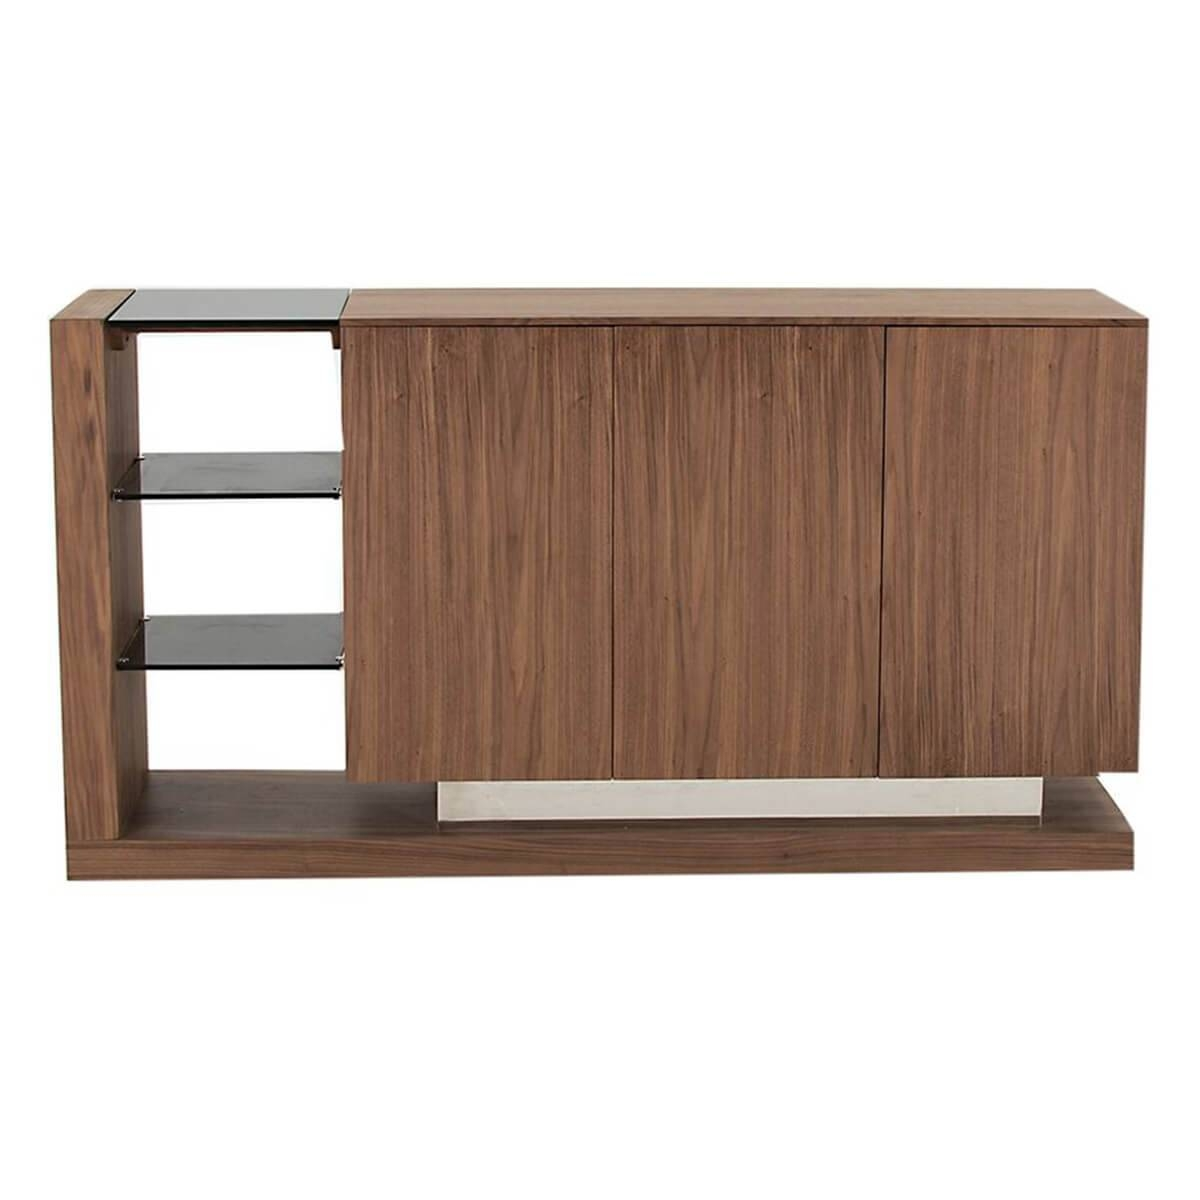 Almara Steel & Walnut Sideboard | Modern Sideboards | Fads Intended For Walnut Sideboards (View 15 of 15)